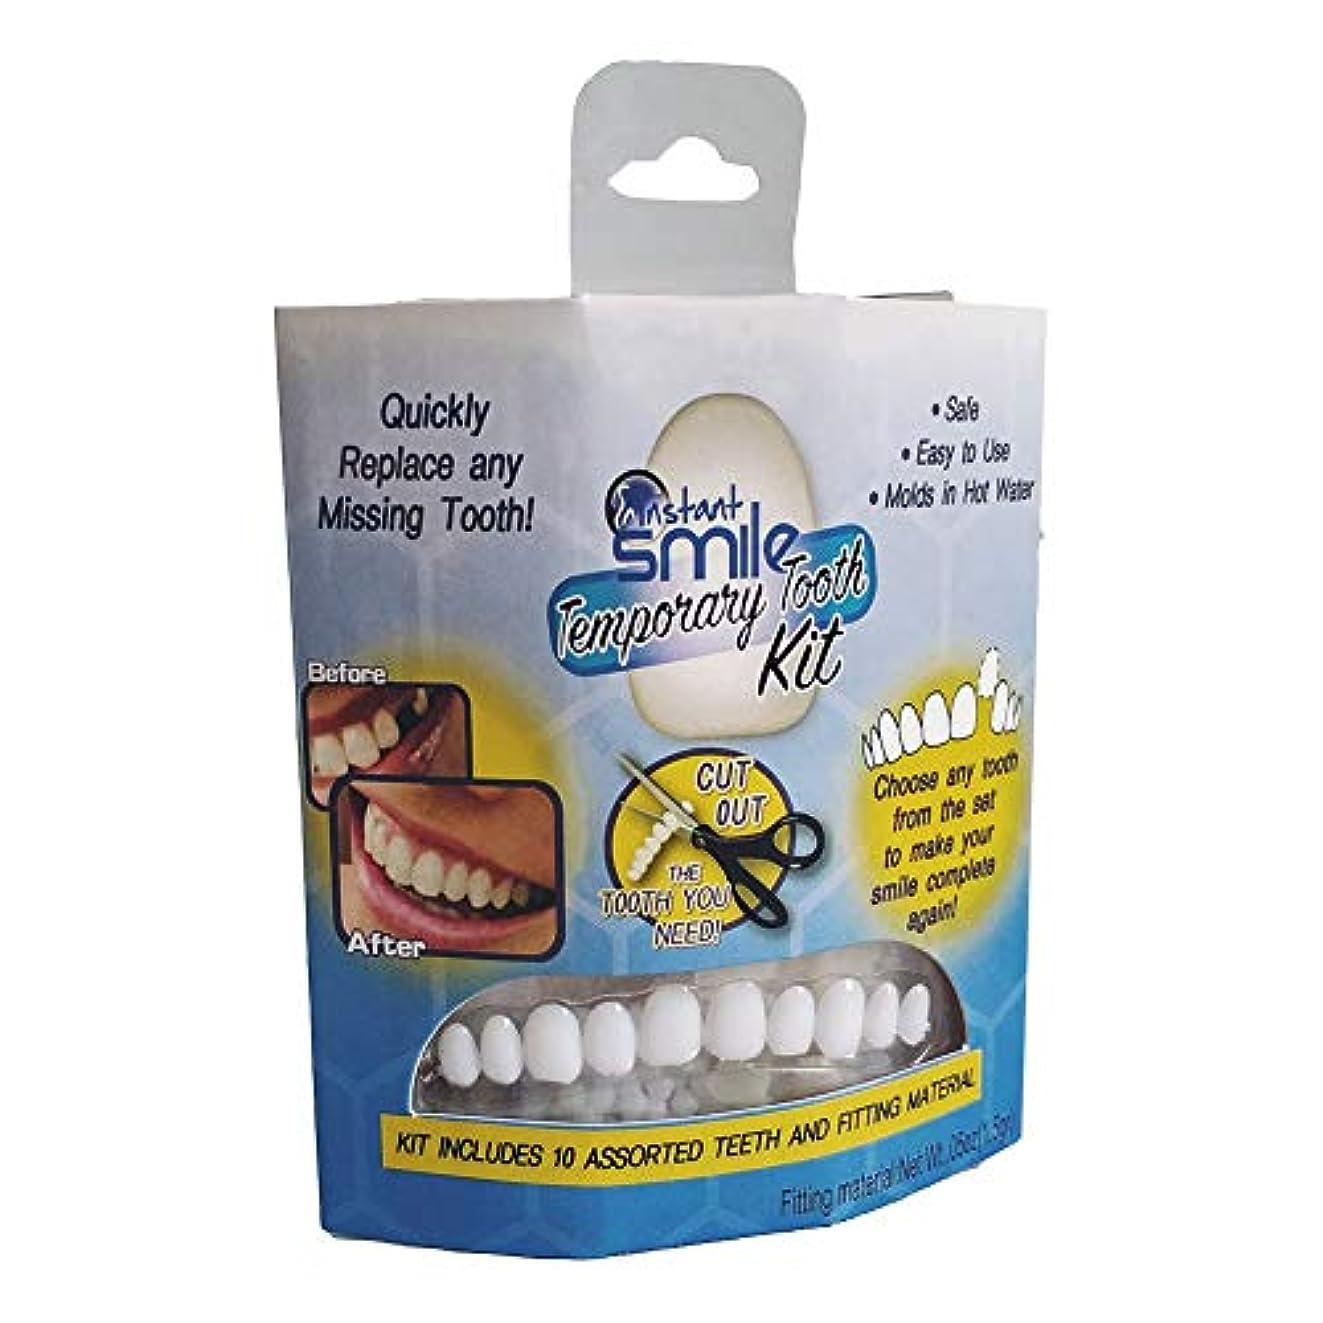 民族主義雄弁家さわやかLITI 歯のソケット 美容義歯 入れ歯 歯のカバー テンポラリートゥースキット シリコーンのシミュレーションの歯科用義歯を白くする上下の歯の模擬装具 歯ホワイトニング 義歯貼り付け偽歯アッパー化粧品突き板